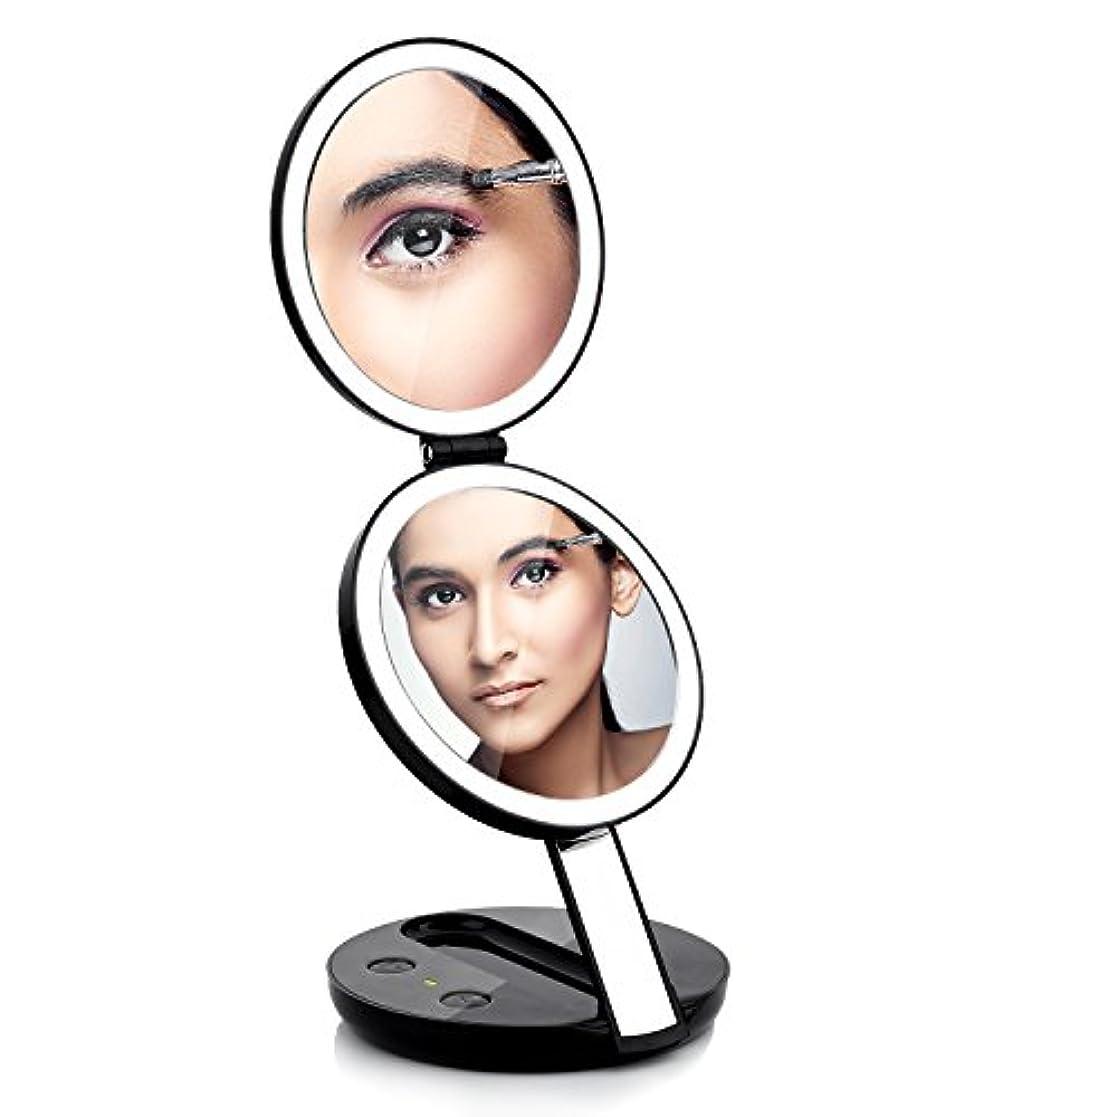 弱いいたずらな免除するコンパクトミラー 両面 卓上ミラー 化粧鏡 手鏡 丸型 Ledライト 等倍と7倍拡大鏡 折りたたみ式 明るさ調整可能 角度調節USB給電 電池式 おしゃれ 手のひらサイズ 贈り物(ブラック)